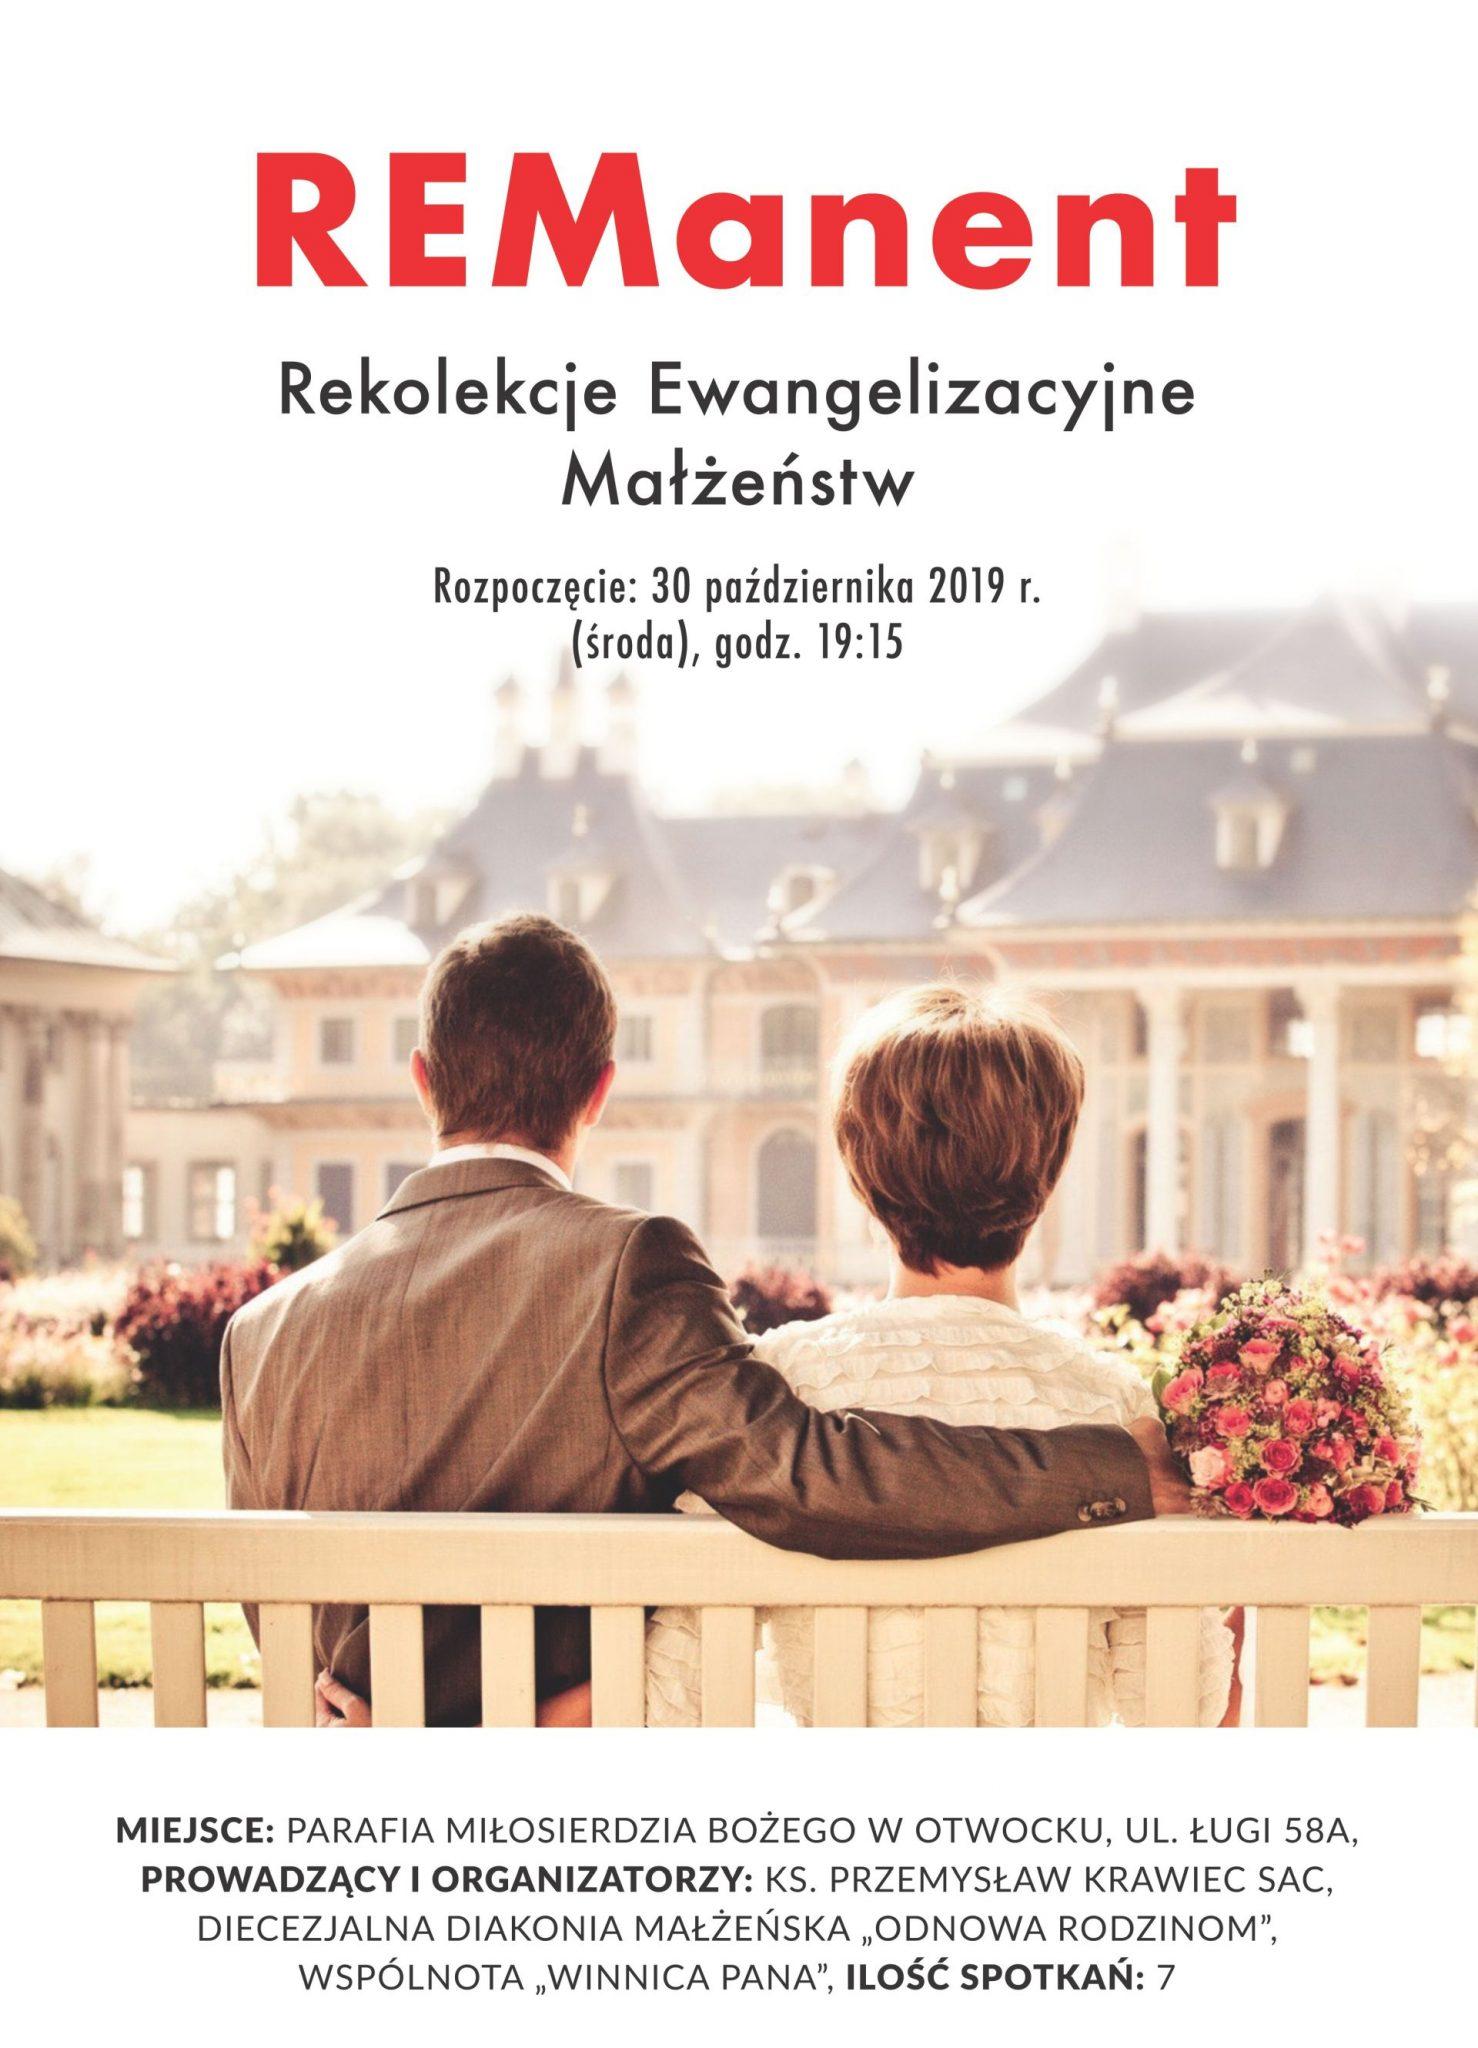 REManent – Rekolekcje Ewangelizacyjne Małżeństw